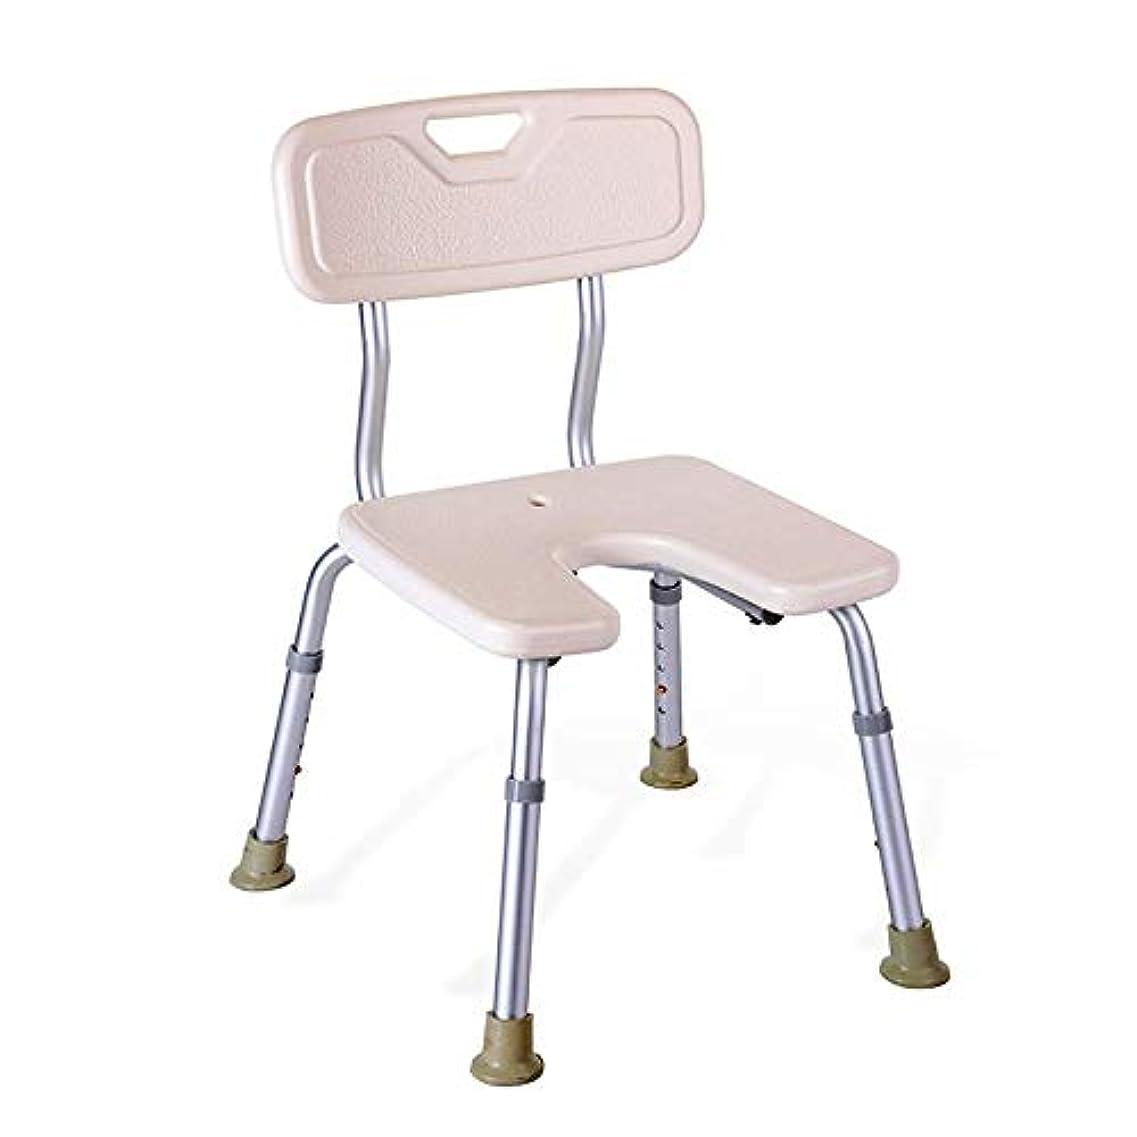 発行する破壊短命パッド入り背部付き肥満症用スツール、調節可能なシャワーシート、高齢者用シート付きバスチェアー、身体障害者用安定装置、バスルームアクセサー